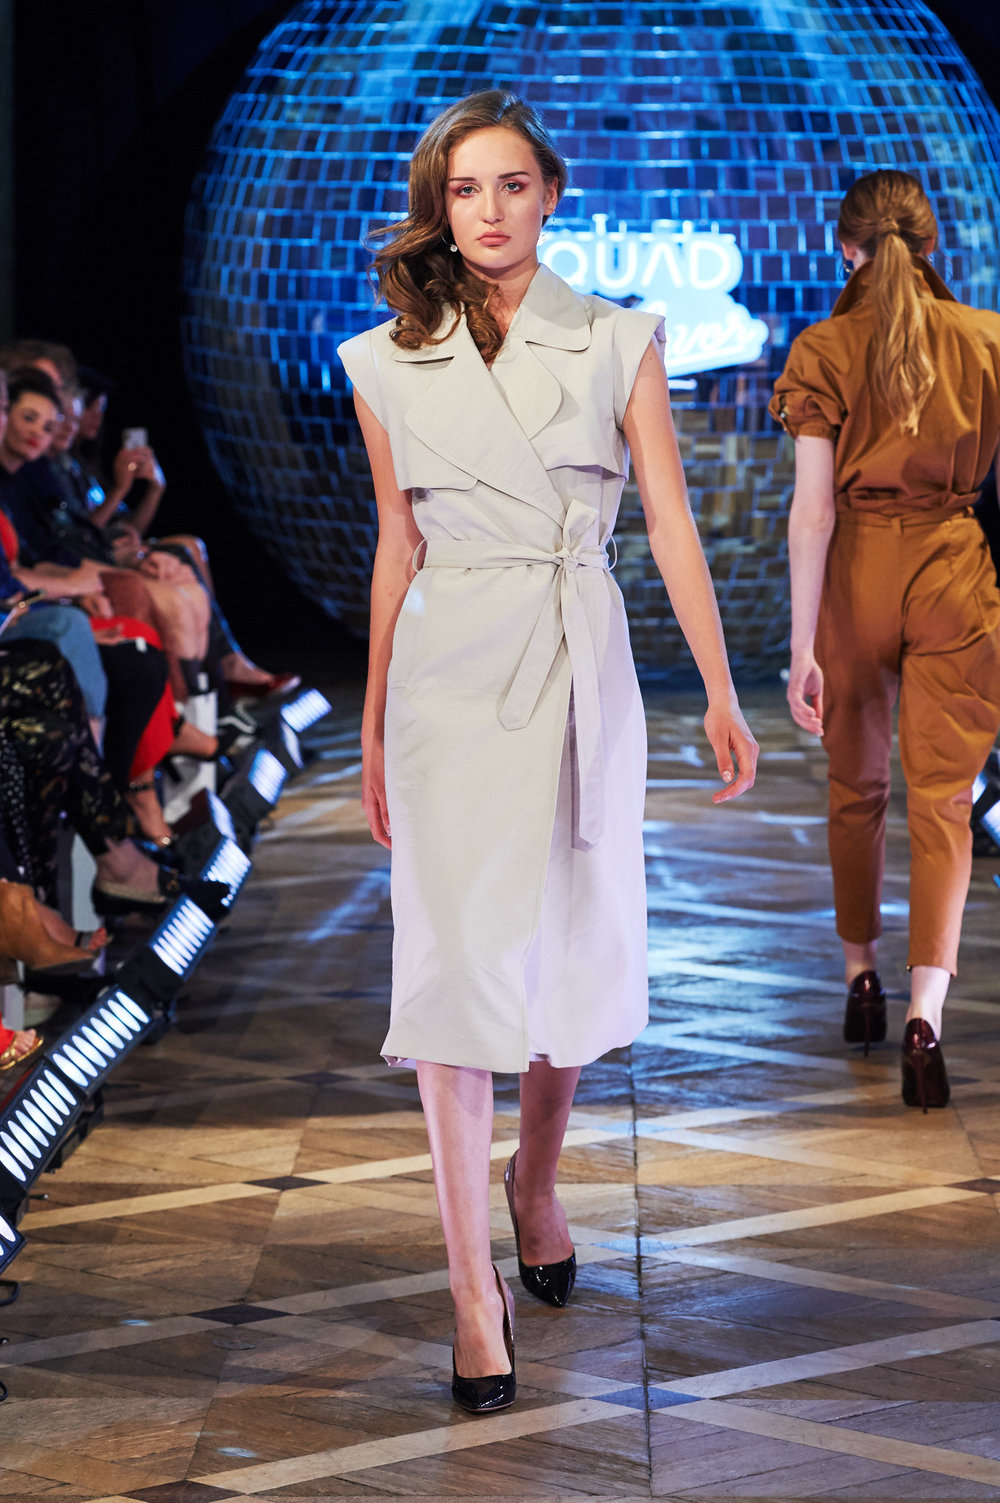 17_ZAQUAD_090519_lowres-fotFilipOkopny-FashionImages.jpg